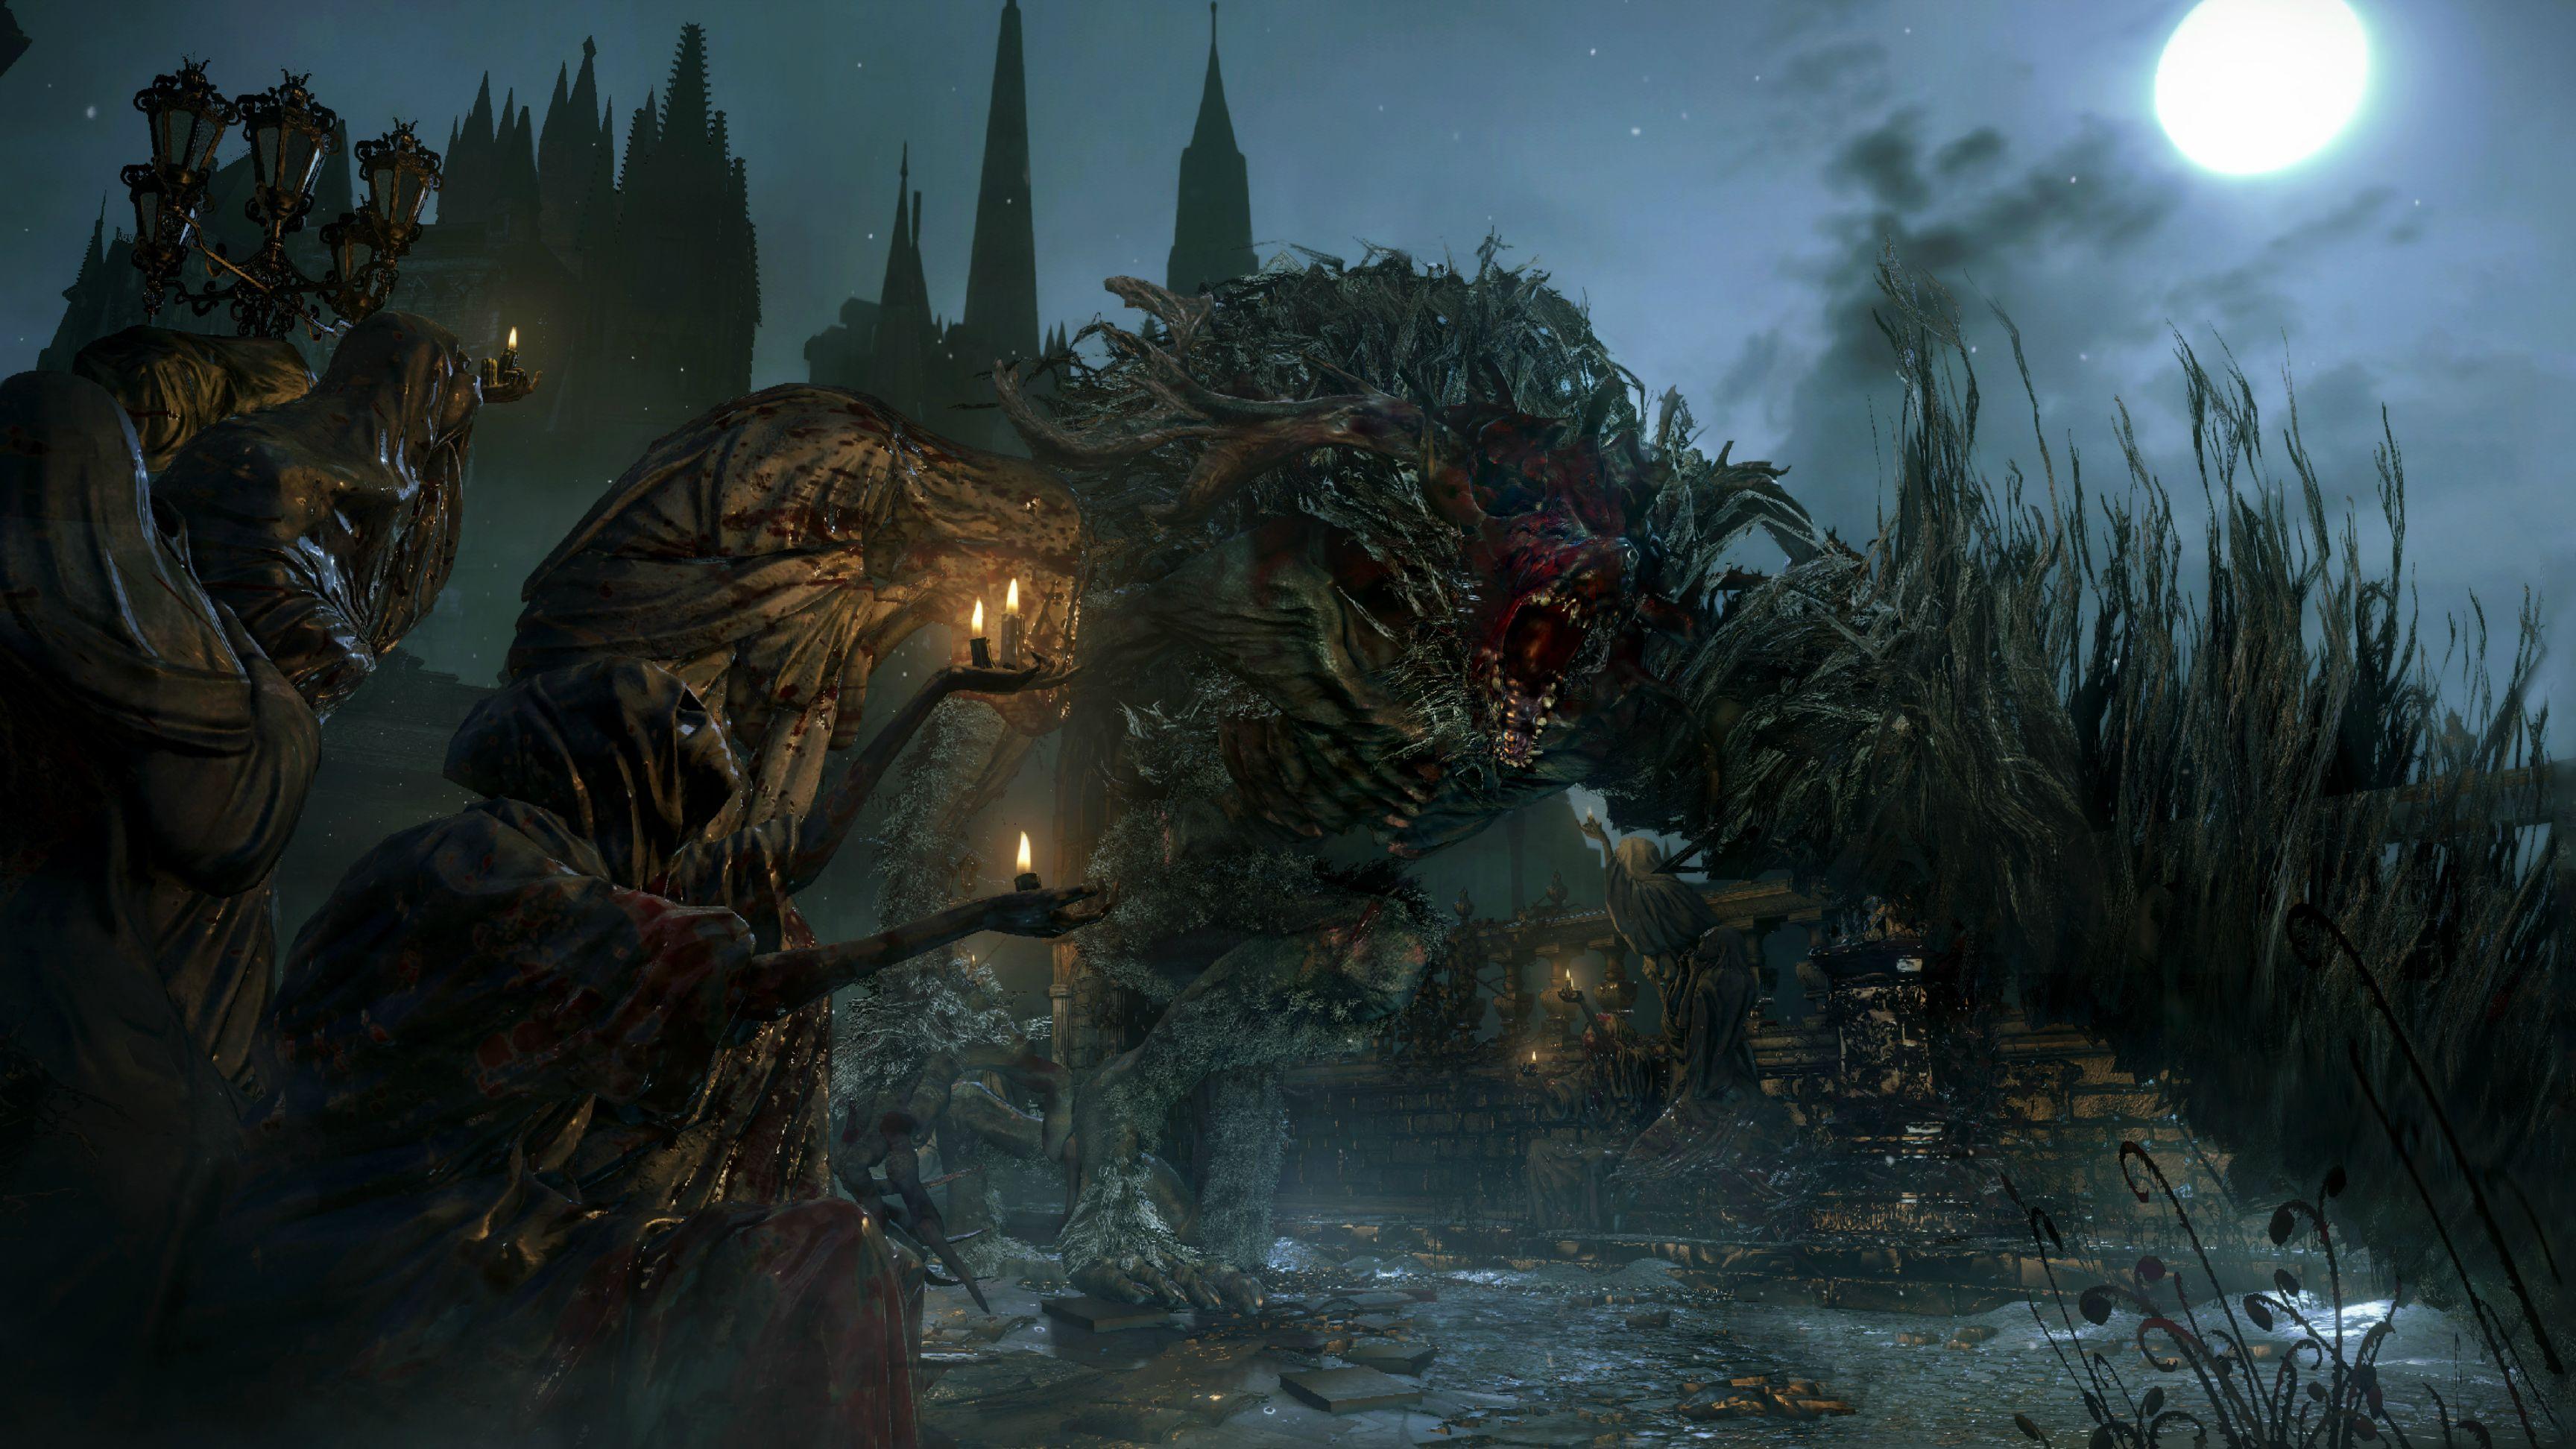 Cleric Beast - Bloodborne by Dei-d on DeviantArt